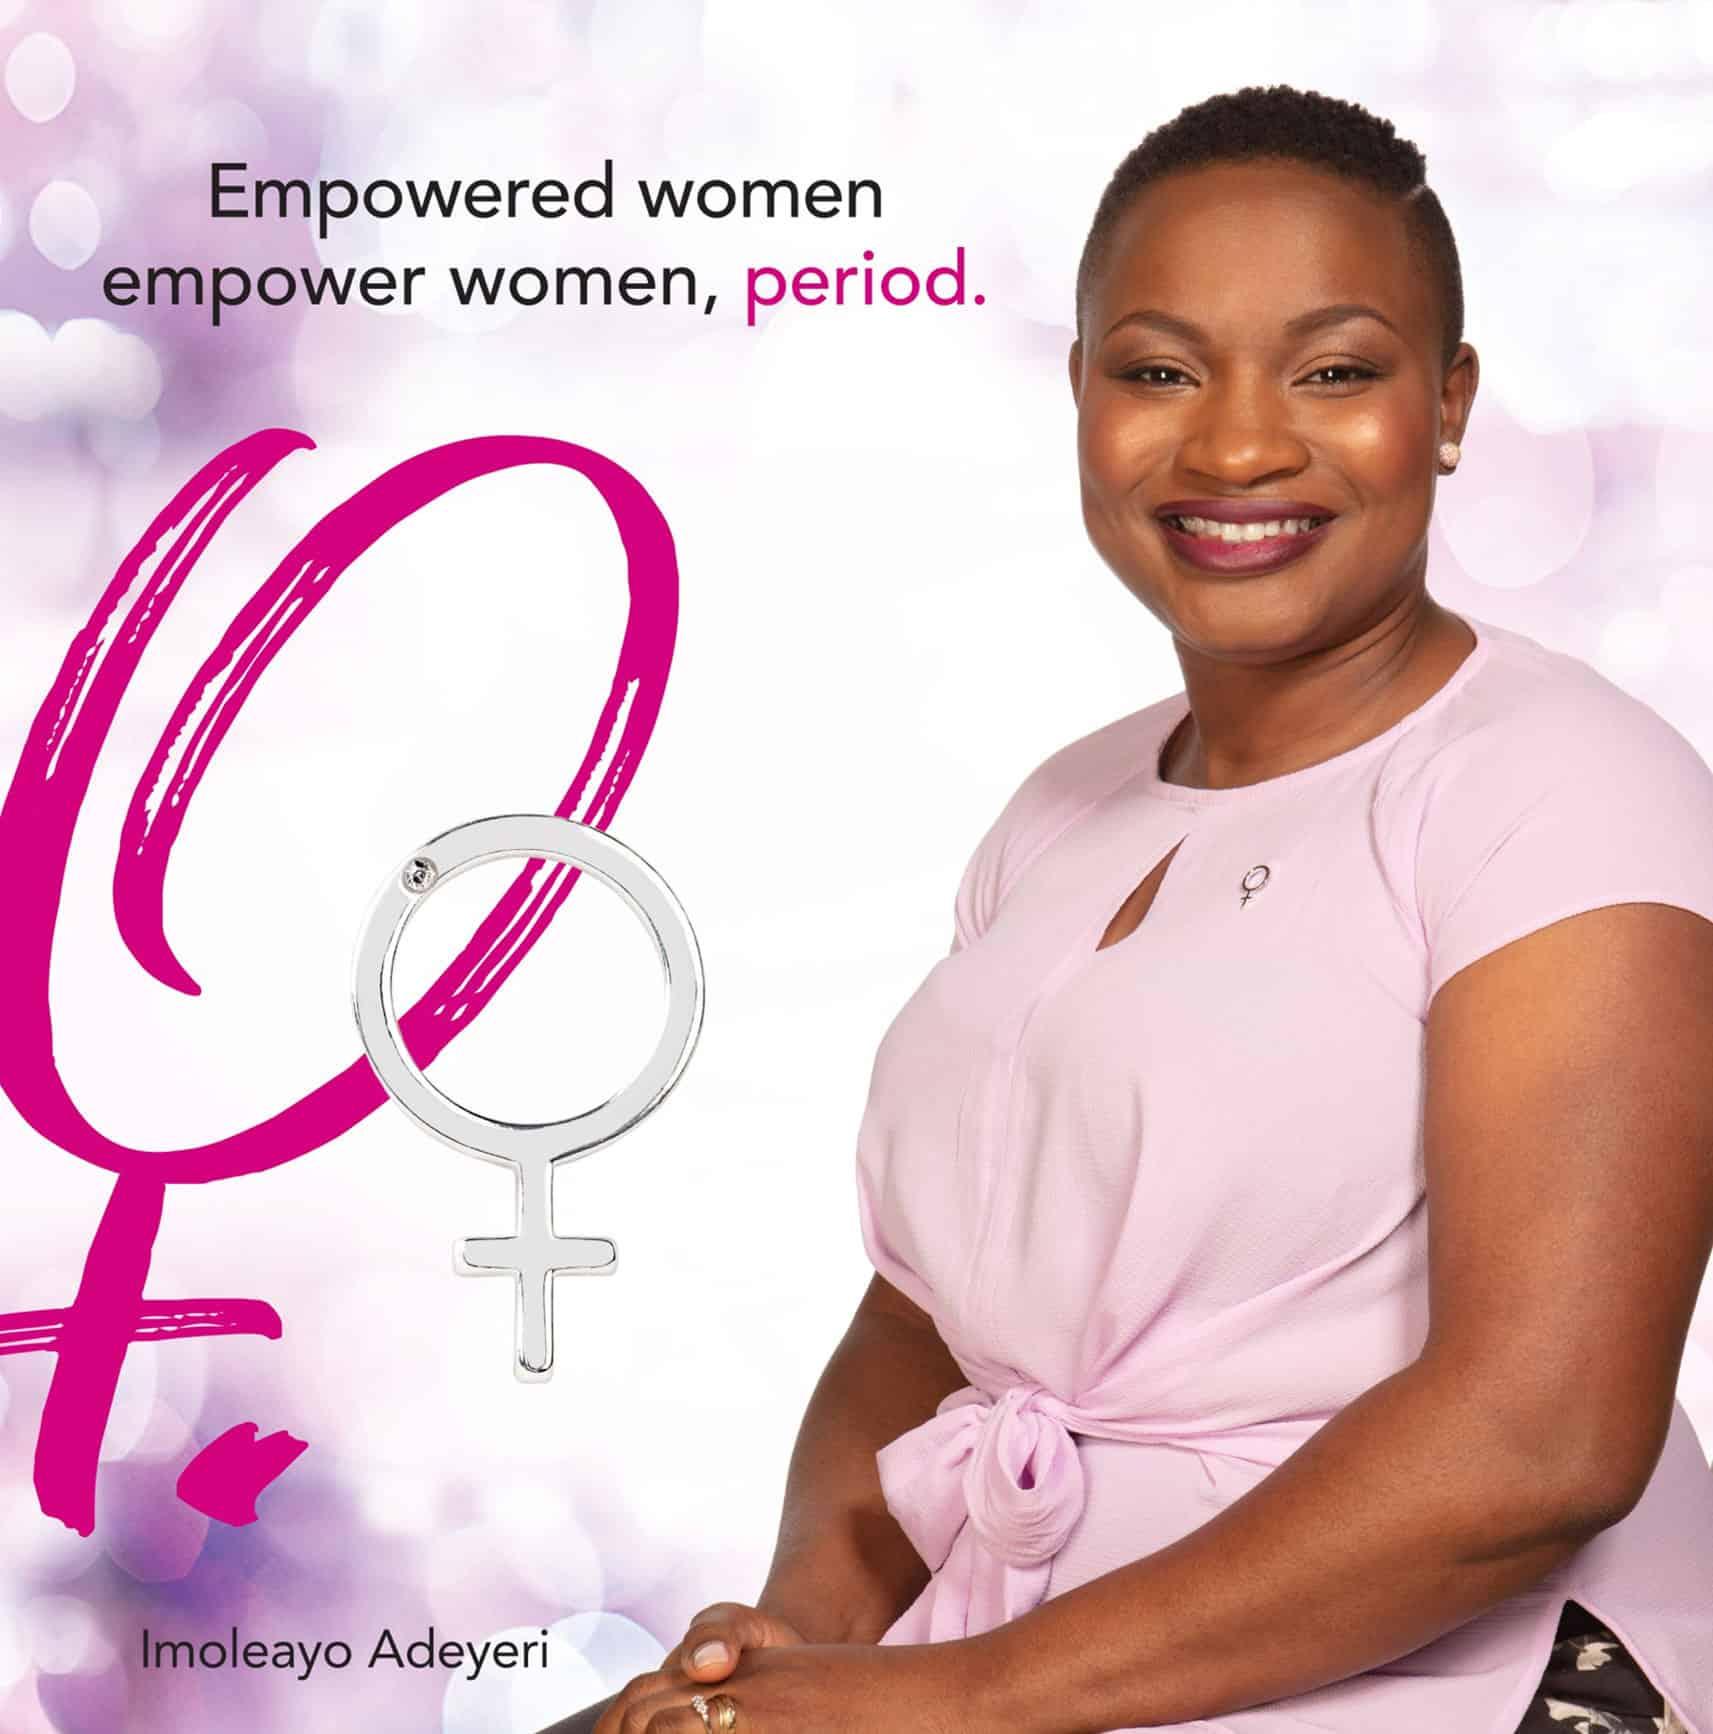 Hillberg & Berk - Empowered Women 2 - Imoleayo Adeyeri